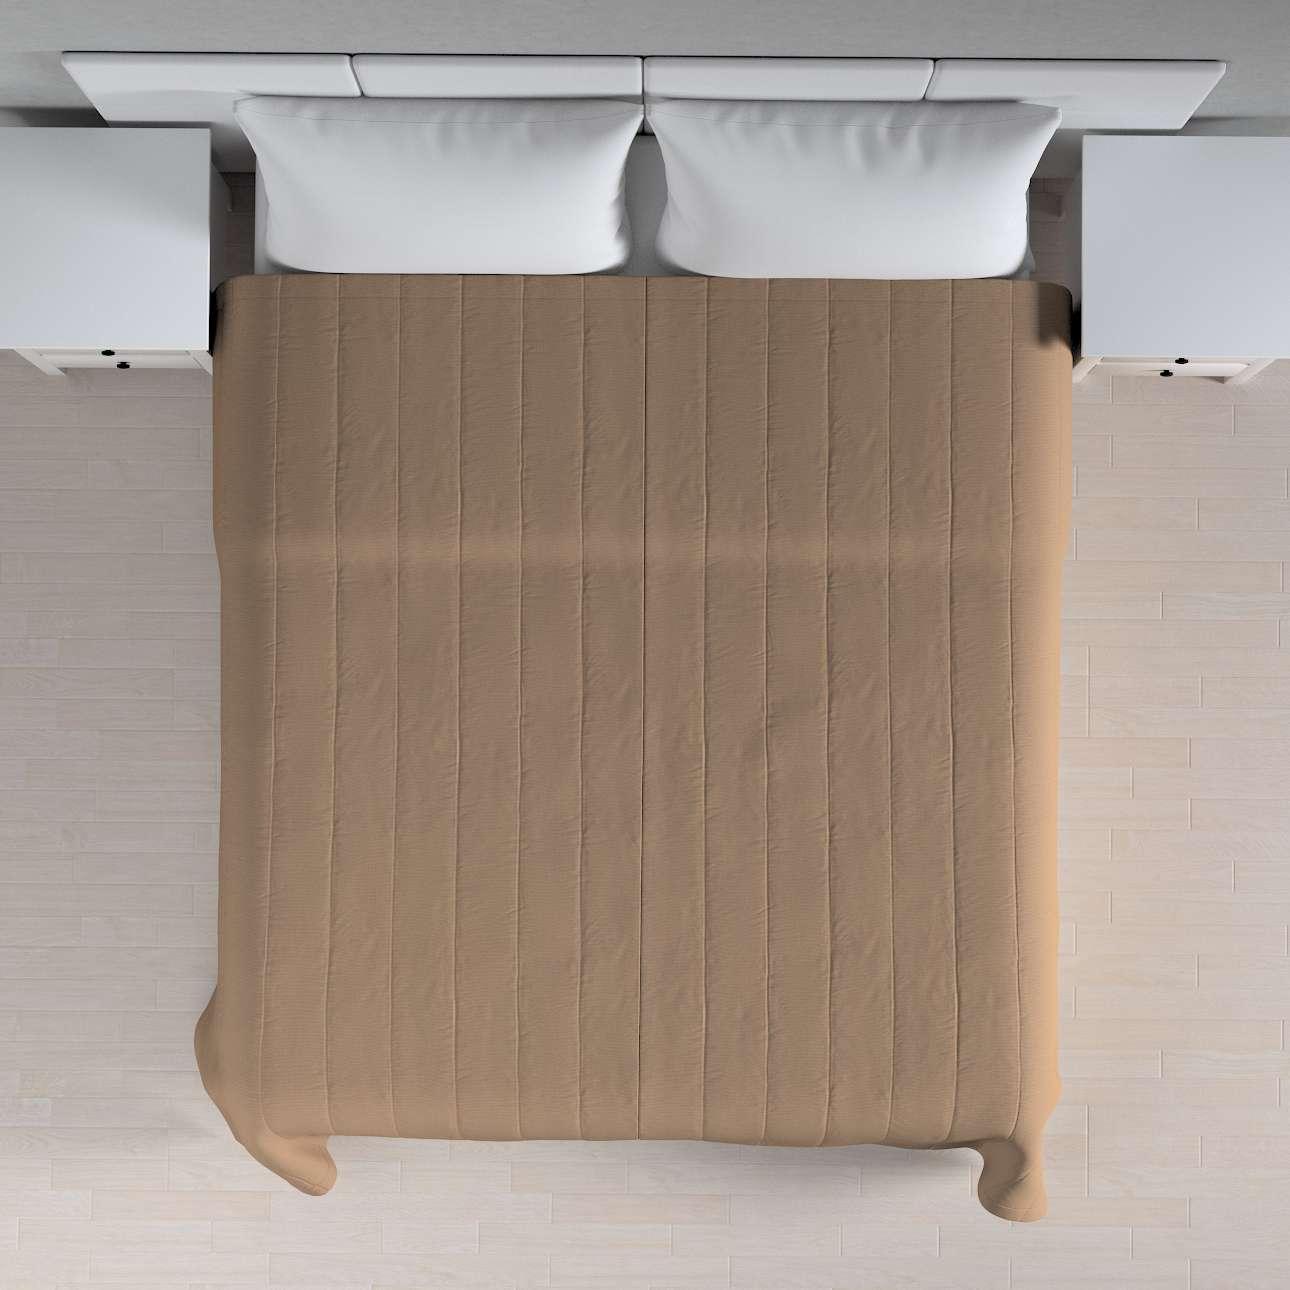 Lovatiesės (vertikaliai dygsniuotos) plotis 260 x ilgis  210 cm kolekcijoje Quadro, audinys: 136-09